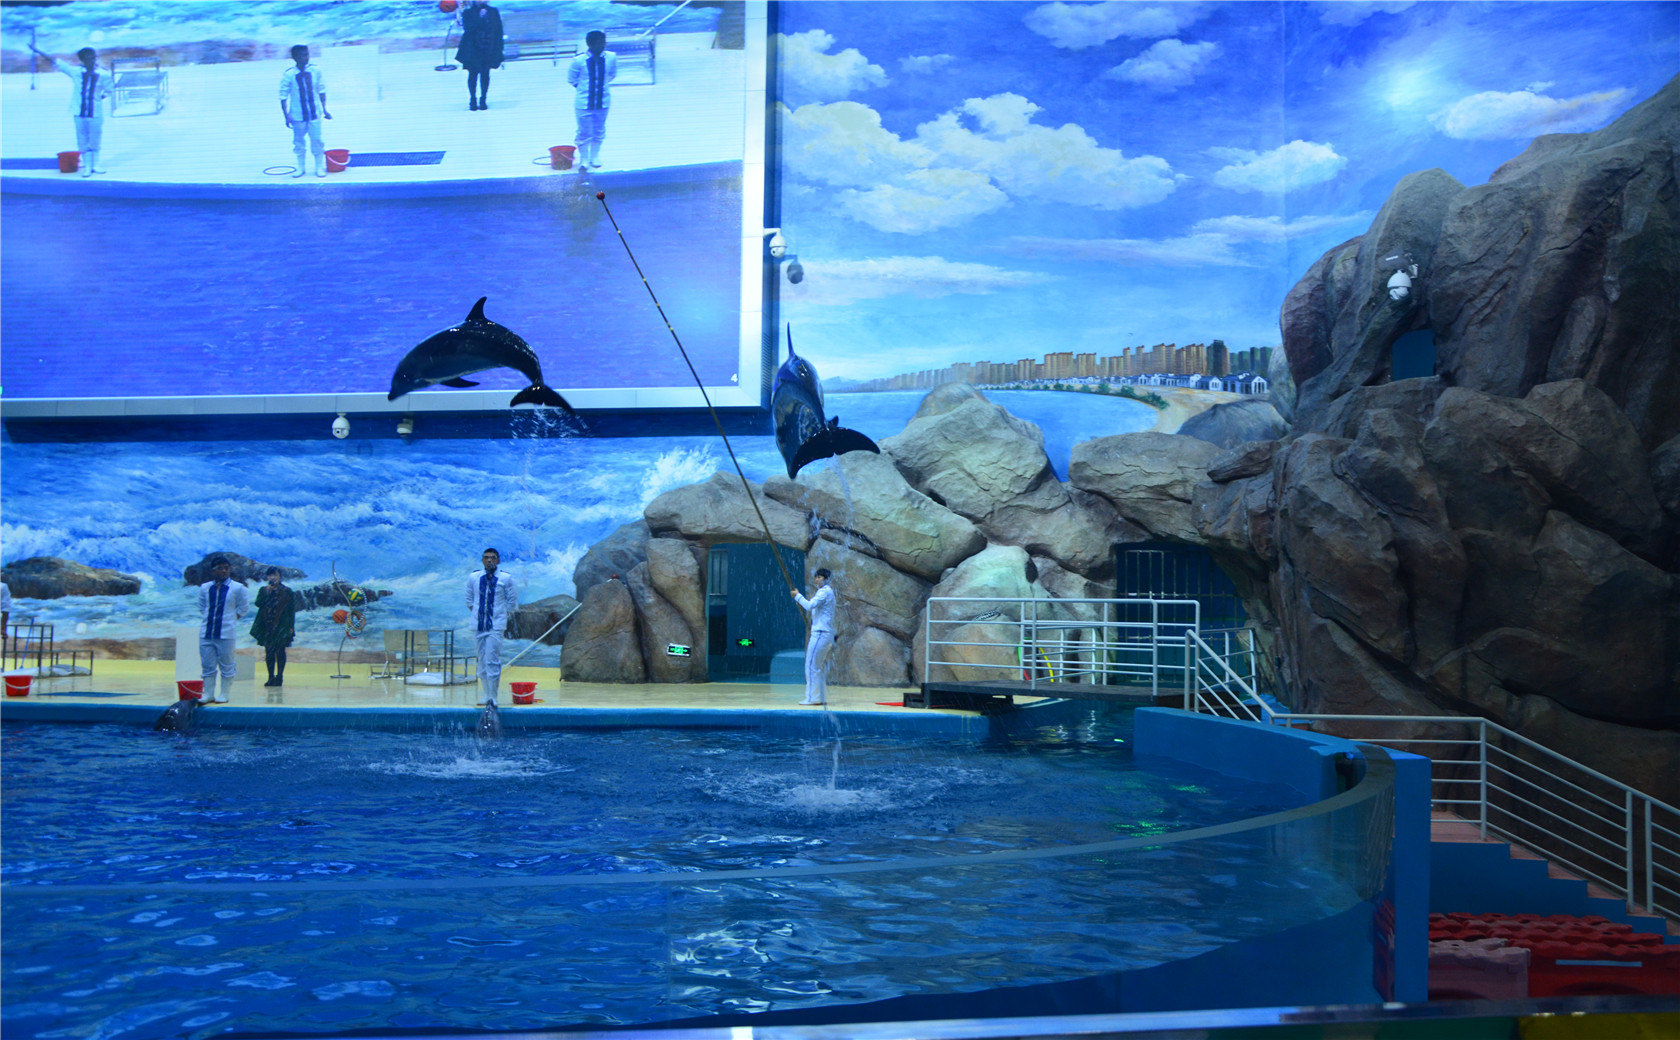 福州罗源湾海洋世界是世纪金源集团斥巨资打造的亚洲超大规模,海洋物种展示丰富、展示功能设施齐全的综合性场馆。海洋世界位于罗源湾滨海新城东南面,占地172亩,建筑面积20470平方米,配备大型停车场,车位多达4500个,汇聚了八大主题区域,设有70余个海洋生物展示设施,展示的海洋物种达300余种。